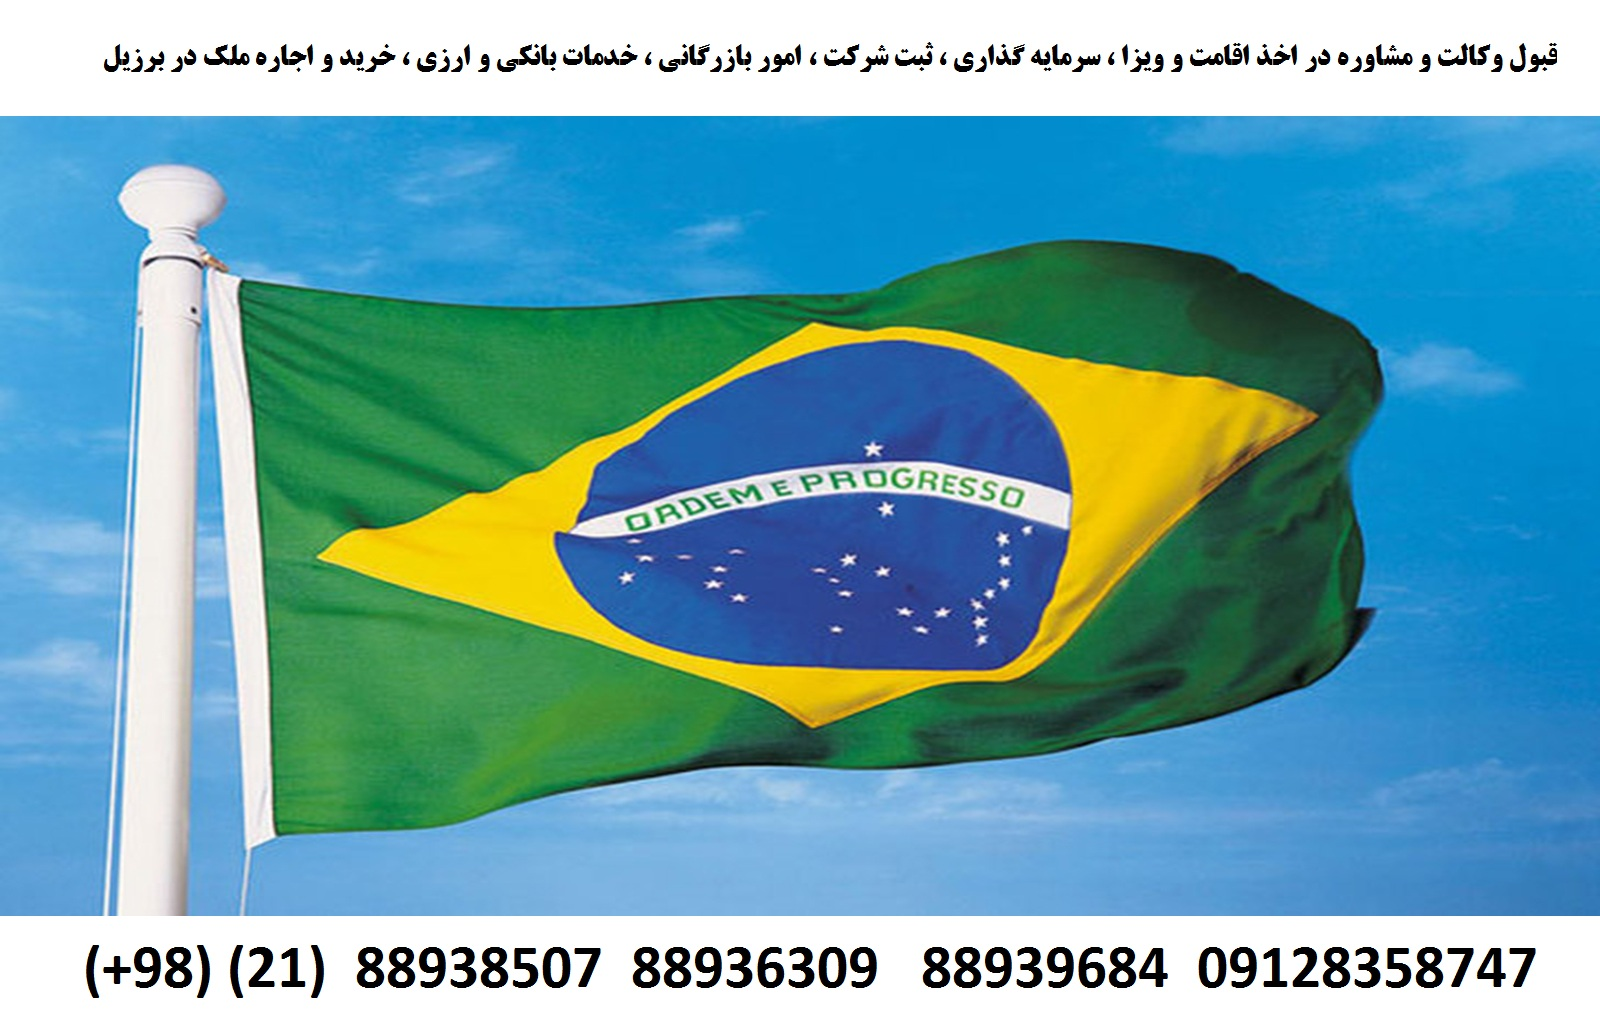 اقامت ، ویزا ، ثبت شرکت ، سرمایه گذاری در برزیل (1)